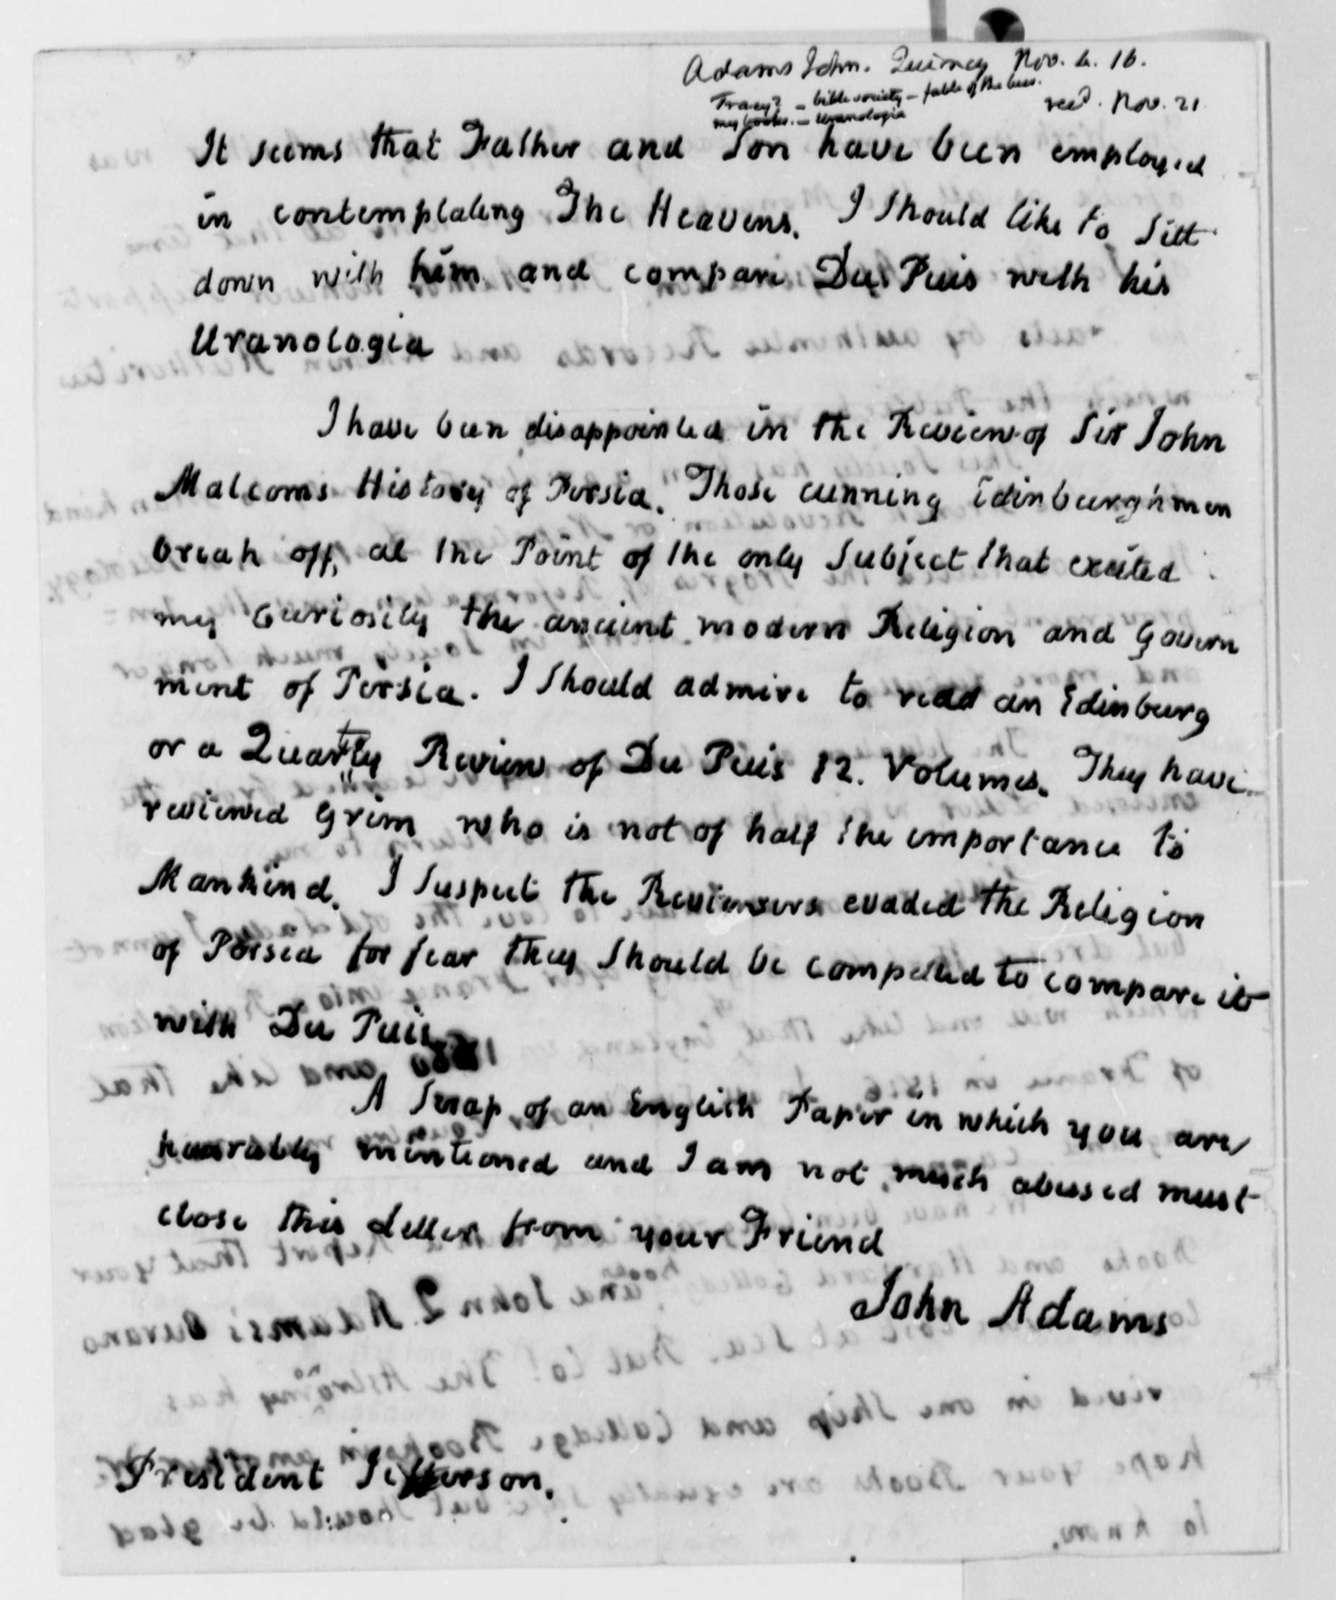 John Adams to Thomas Jefferson, November 4, 1816